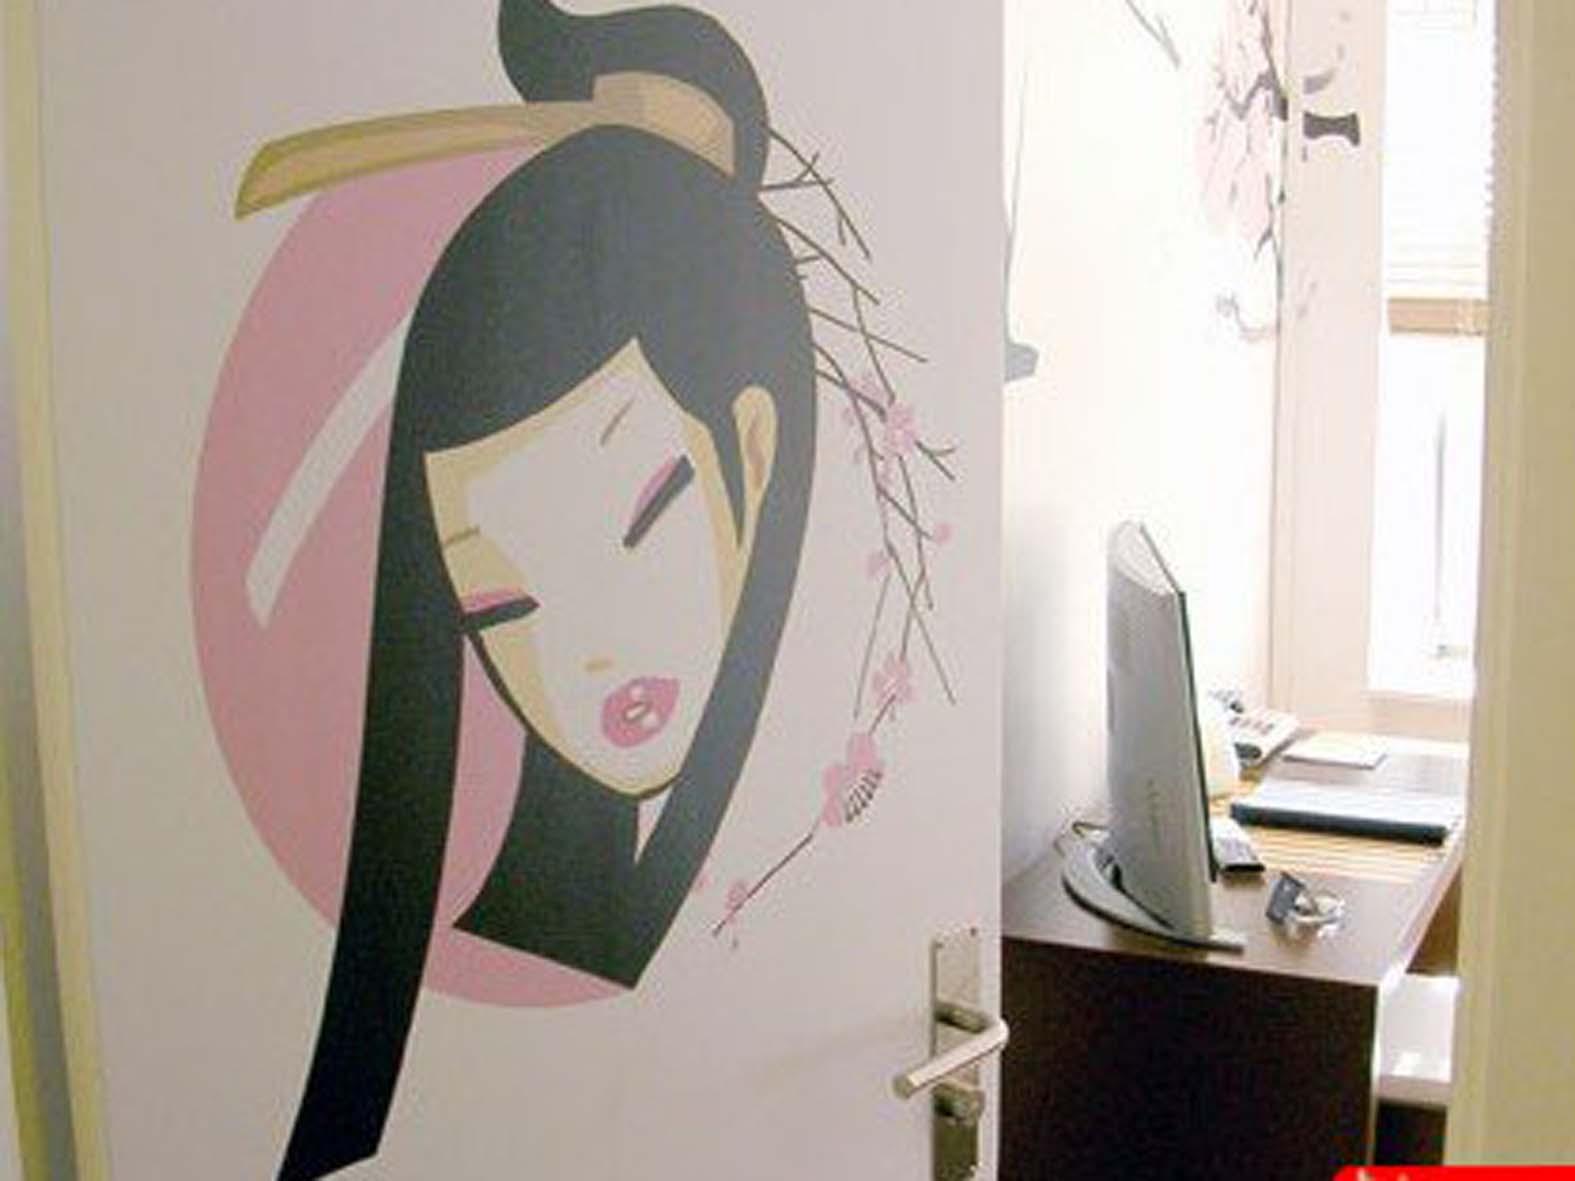 泰安首家彩绘主题宾馆优惠大酬宾开始了,进来看看